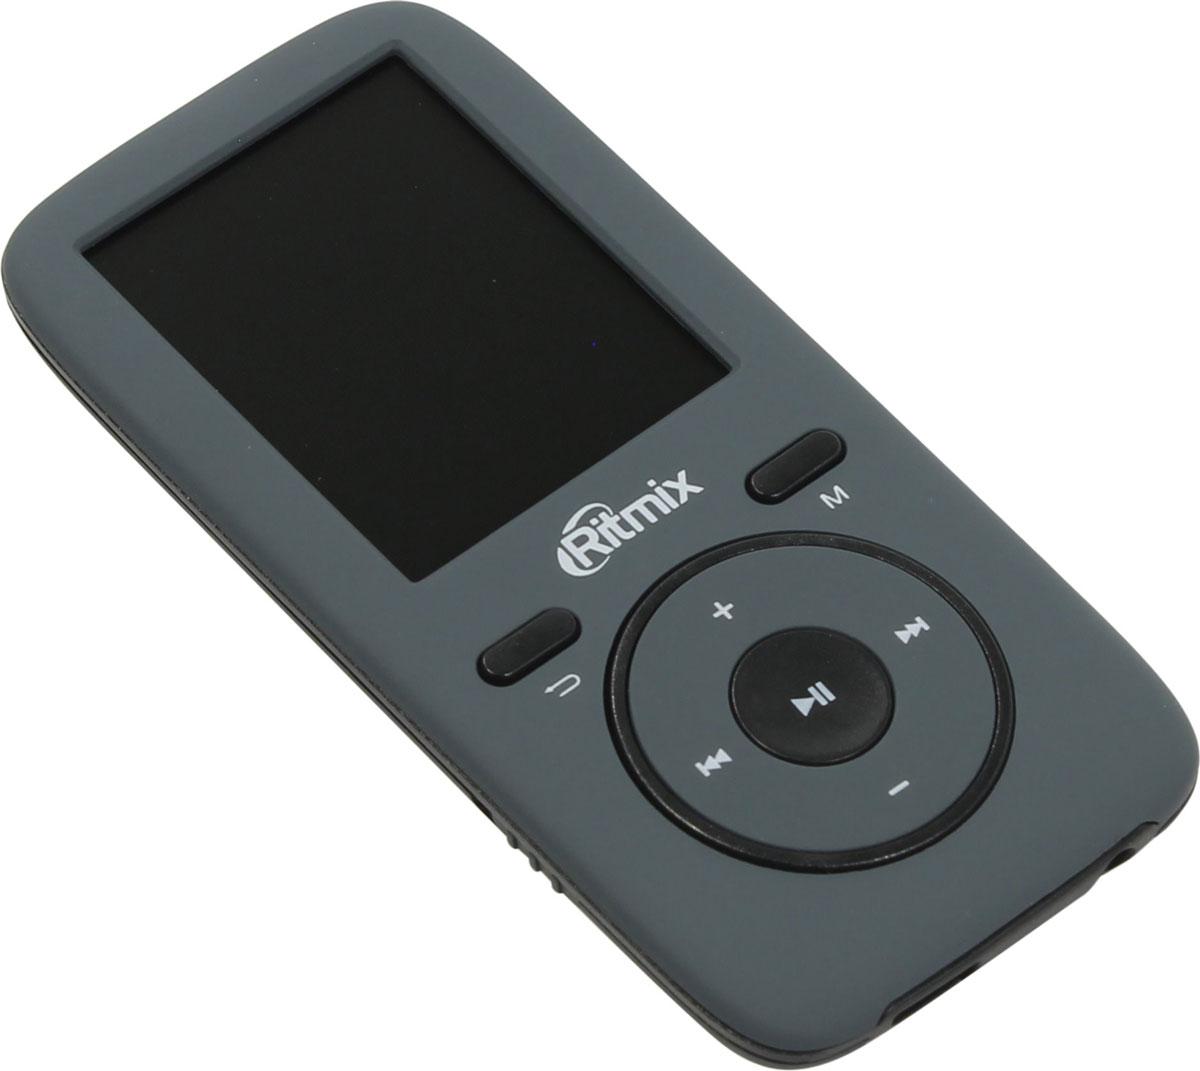 Ritmix RF-4450 8GB, Gray MP3-плеер15118462Ritmix RF-4450 - это доступный эргономичный плеер, поддерживающий все виды мультимедиа: музыку, радио, диктофон, фото и текст. Устройство обеспечивает высококачественное звучание, помимо стандартных форматов оно воспроизводит и такие Lossless-форматы, как FLAC и APE. Также доступно несколько настроек эквалайзера.Плеер выполнен из приятного на ощупь материала Soft Touch и представлен в нескольких цветовых решениях.Эргономичный и легкий мультимедиа плеерПростое и интуитивно понятное управлениеВсе необходимые функции в компактном корпусе: музыка, радио, диктофон, фото, текстВысокое качество звучания, поддержка Lossless-форматов (FLAC, APE)Несколько настроек эквалайзераВстроенная память + разъём для карты памяти MicroSD позволяют сохранить множество любимых песенПриятный на ощупь материал корпуса Soft TouchНесколько интересных цветовых решений на выборАвтоматическое отключение по таймеруСистемные требования: Windows 2000/ME/XP/VISTA/7/8/10, Mac OS X 10.0 и вышеMicroSD до 16 Гб